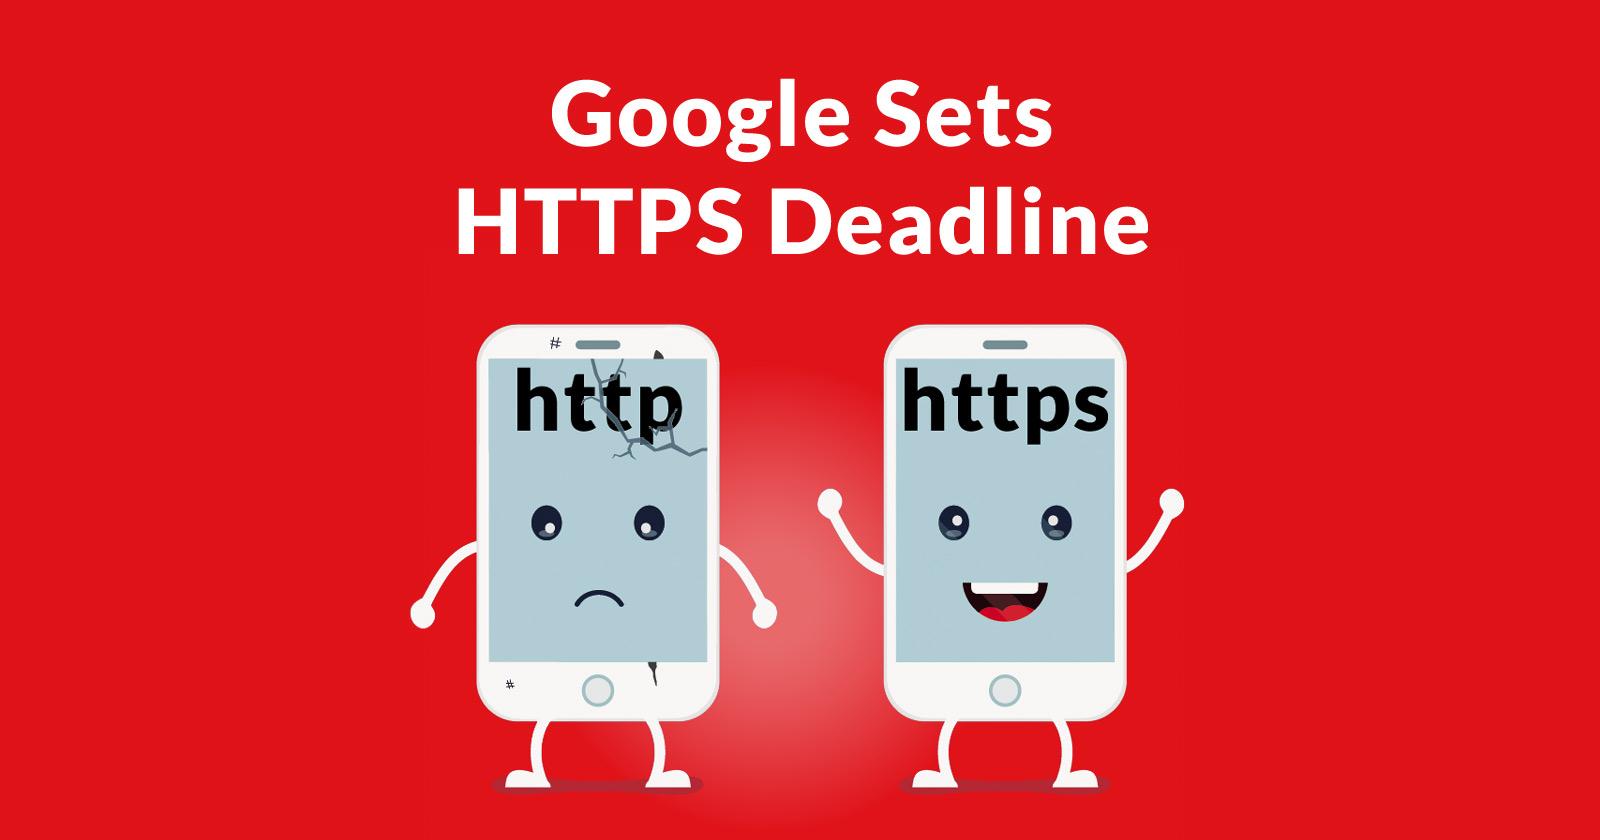 Https Deadline